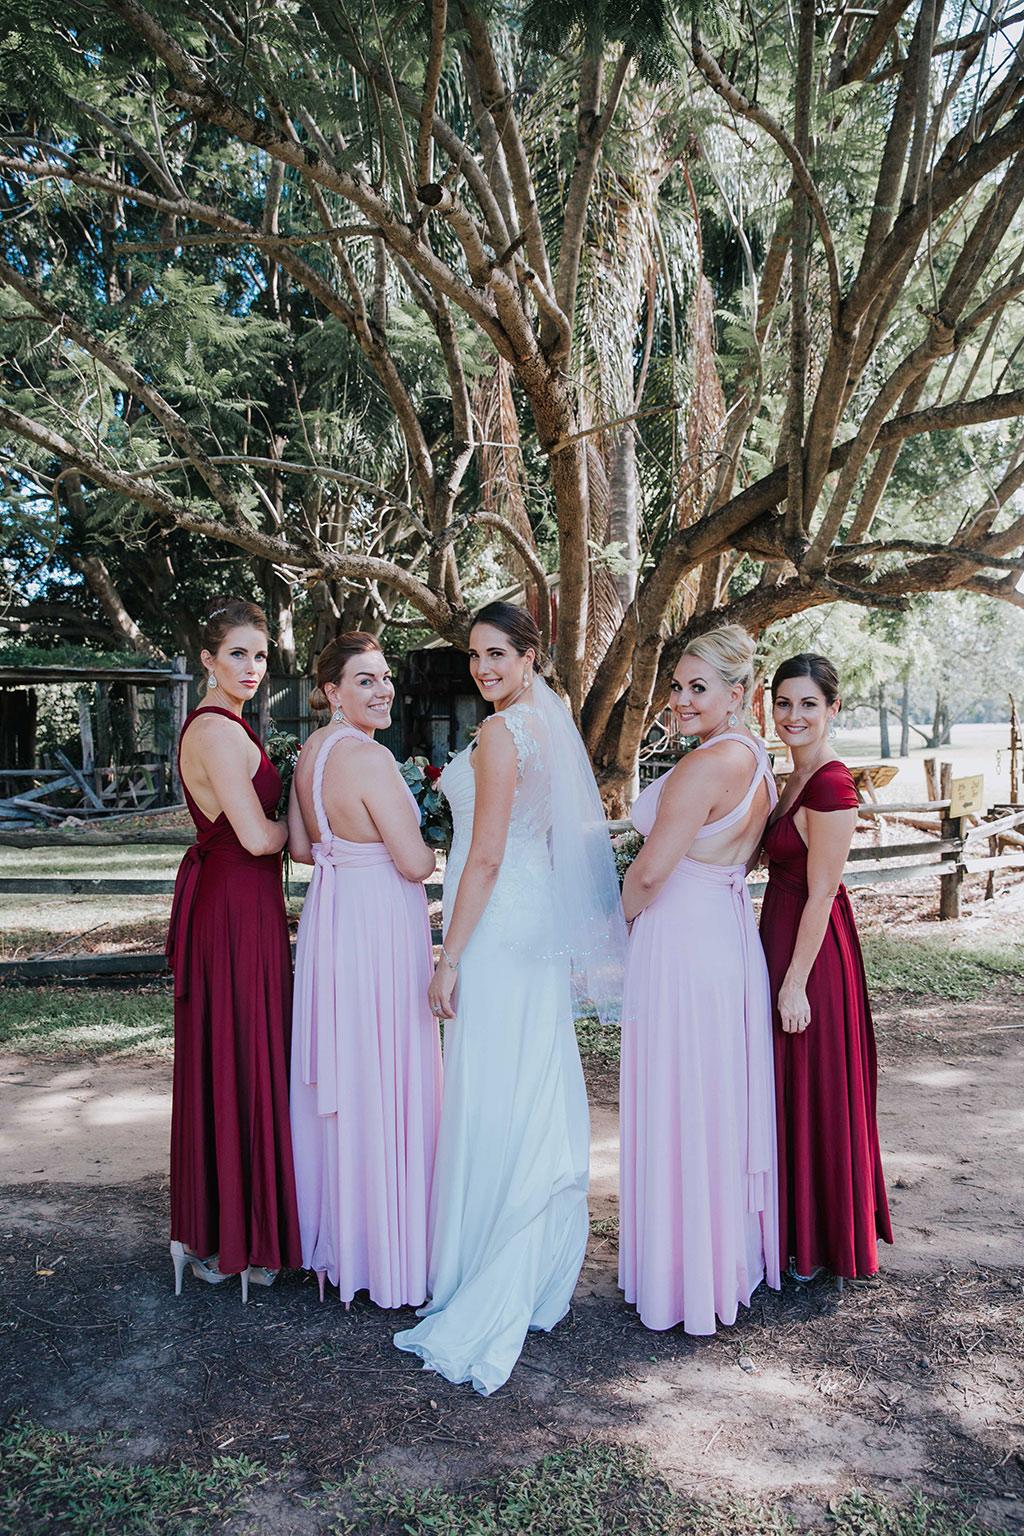 gold coast wedding photo of bridal party